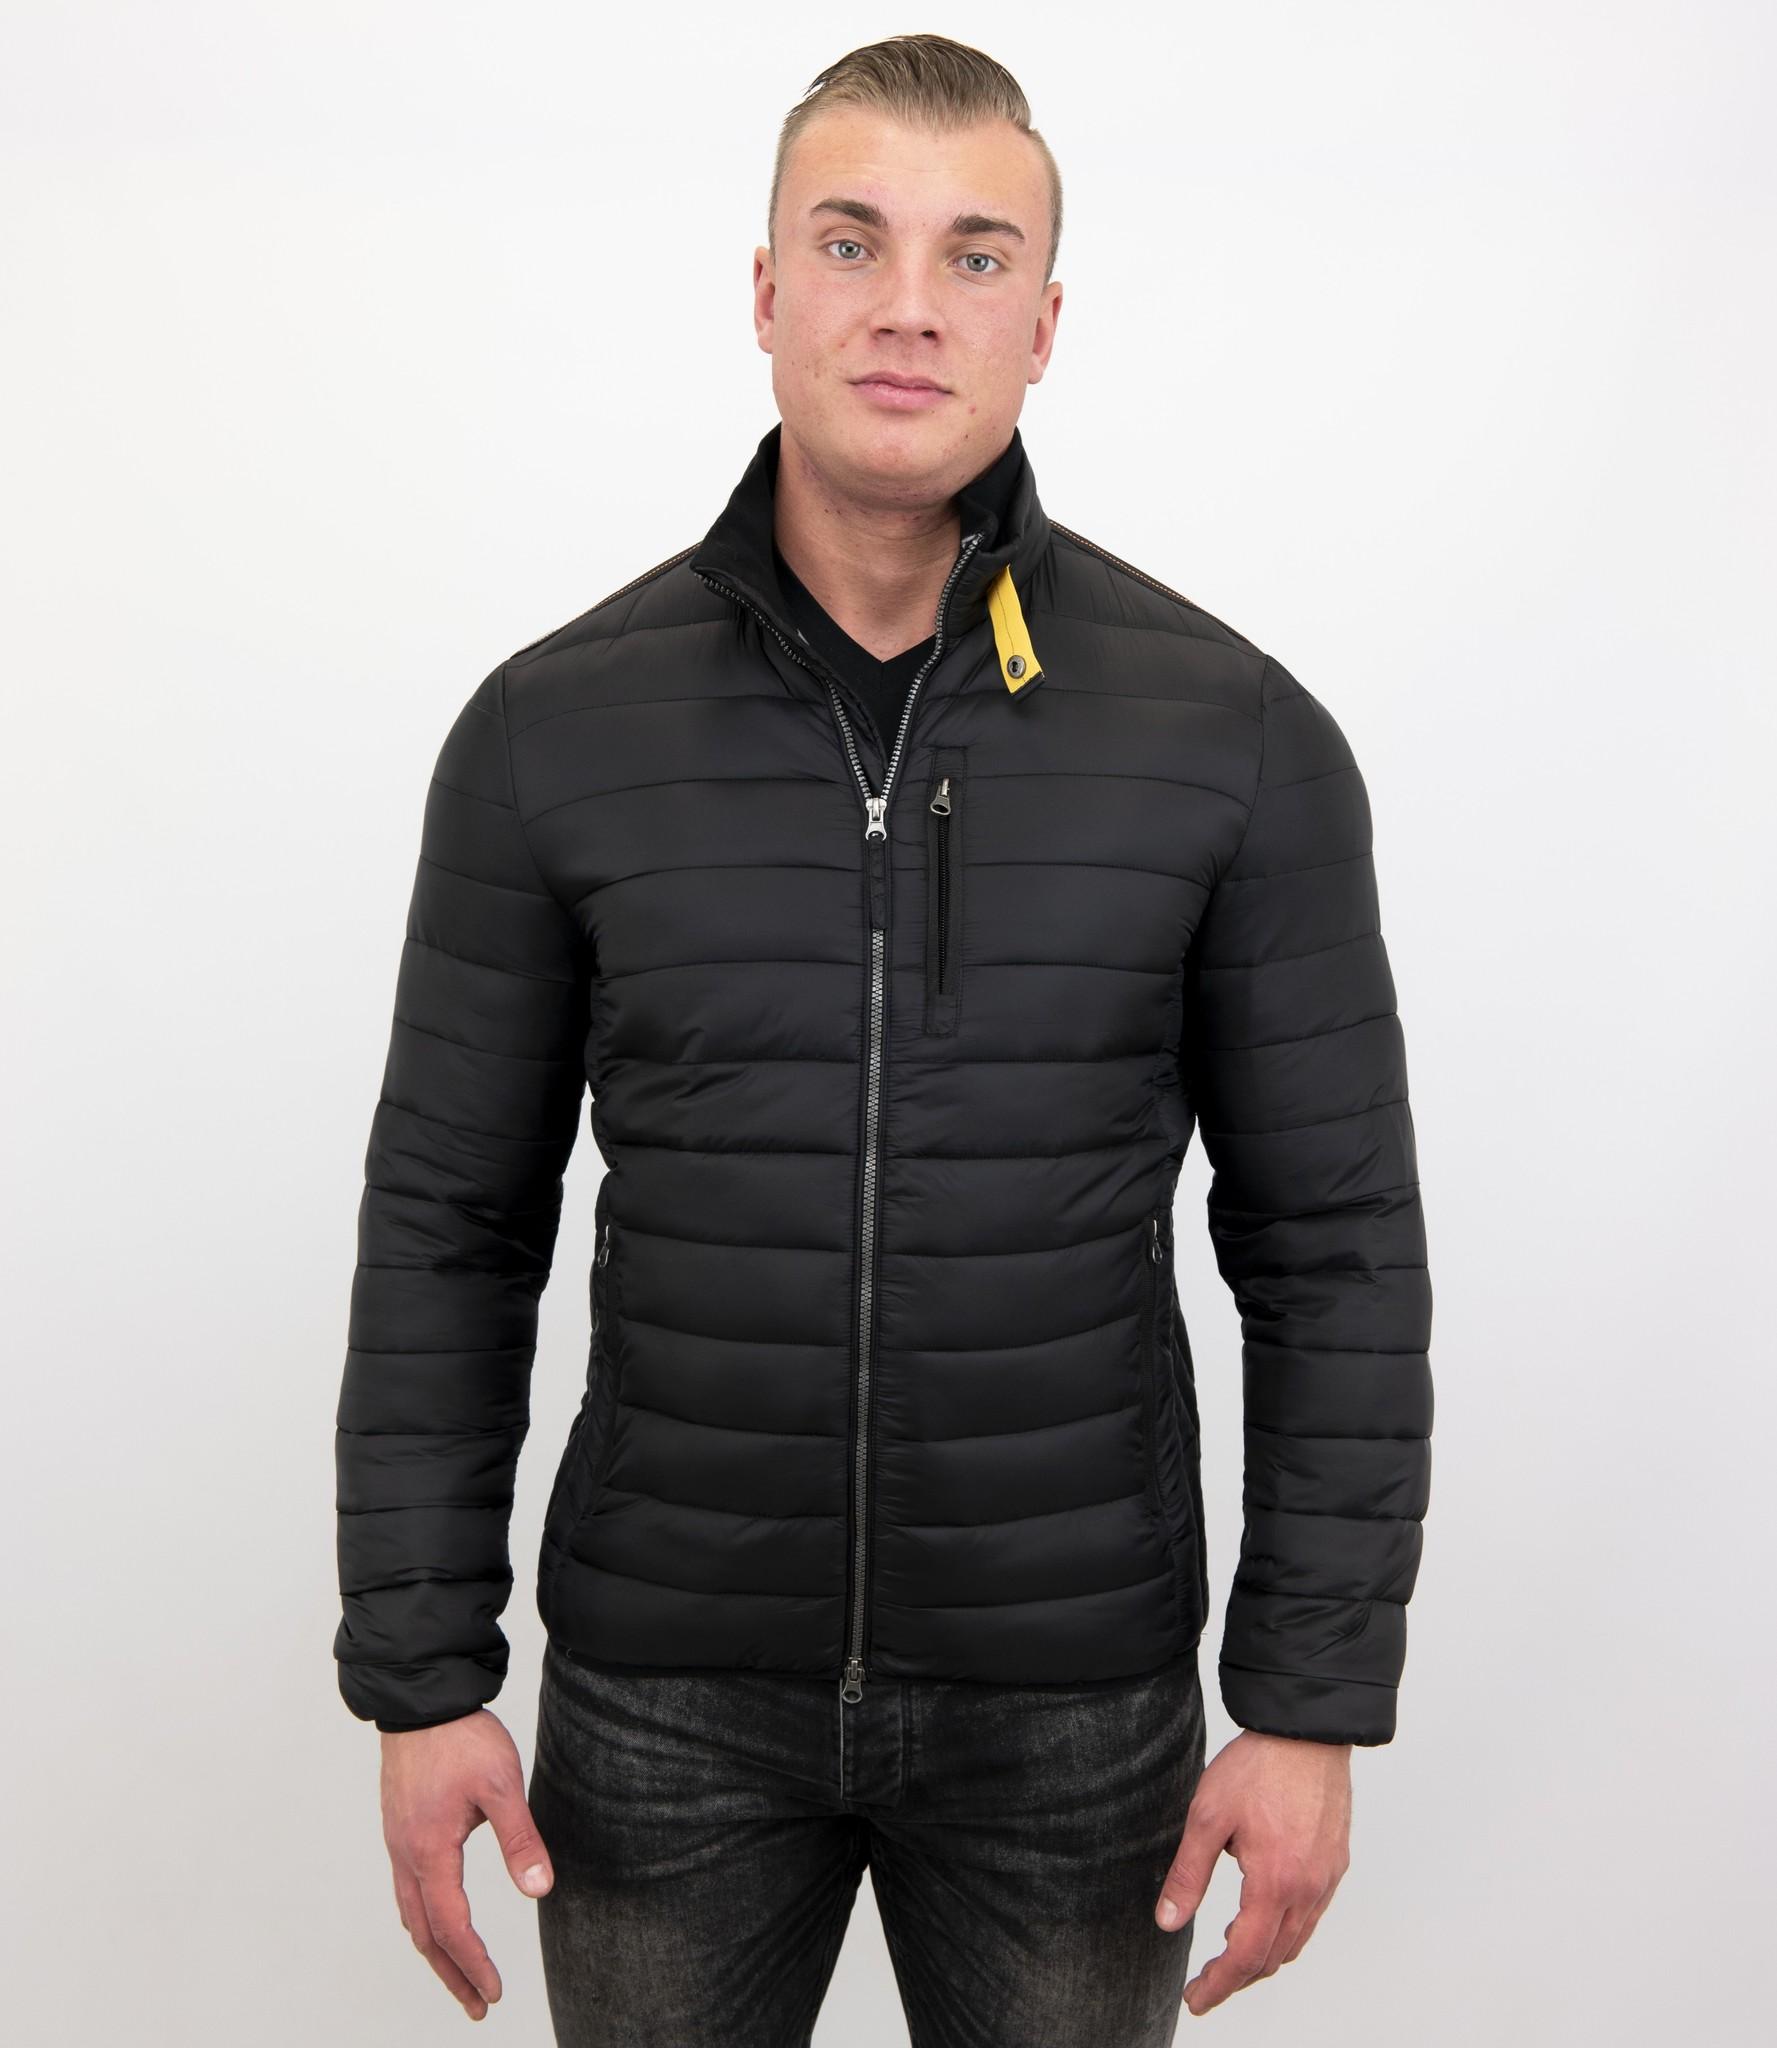 Slim fit Heren Winterjassen | KLEDING.nl